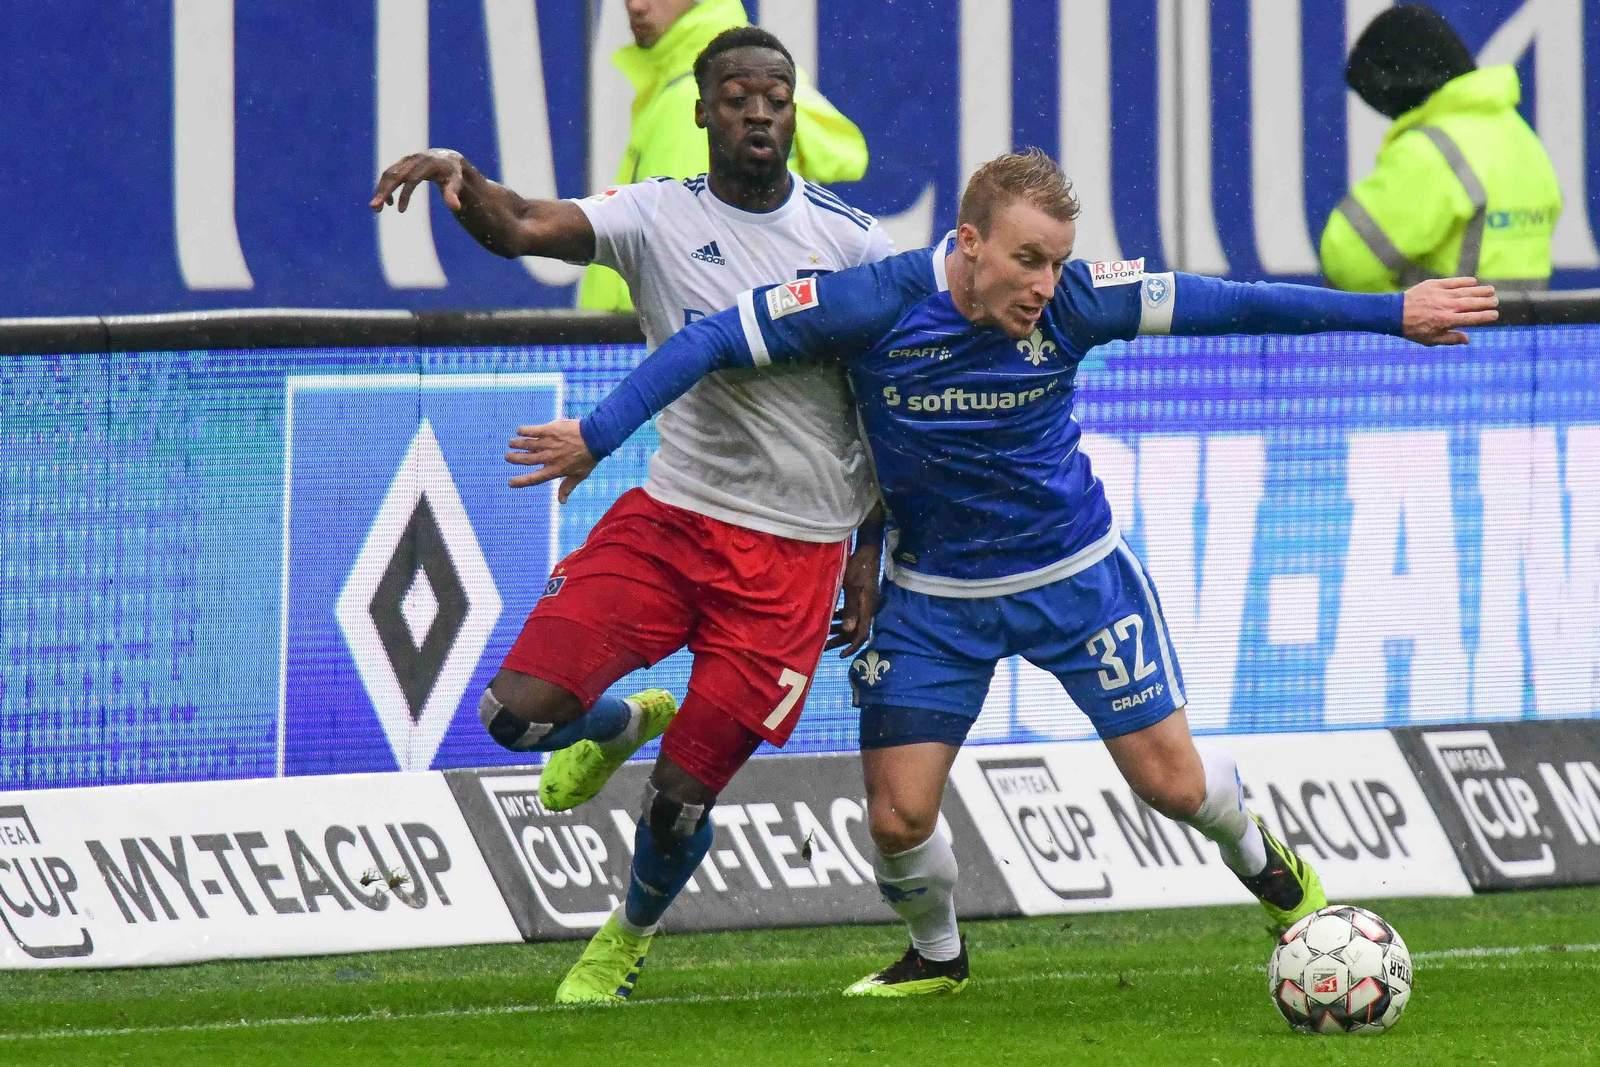 HSV vs Darmstadt 98: Analyse & Aufstellung (2019) - 2. Liga | Liga-Zwei.de